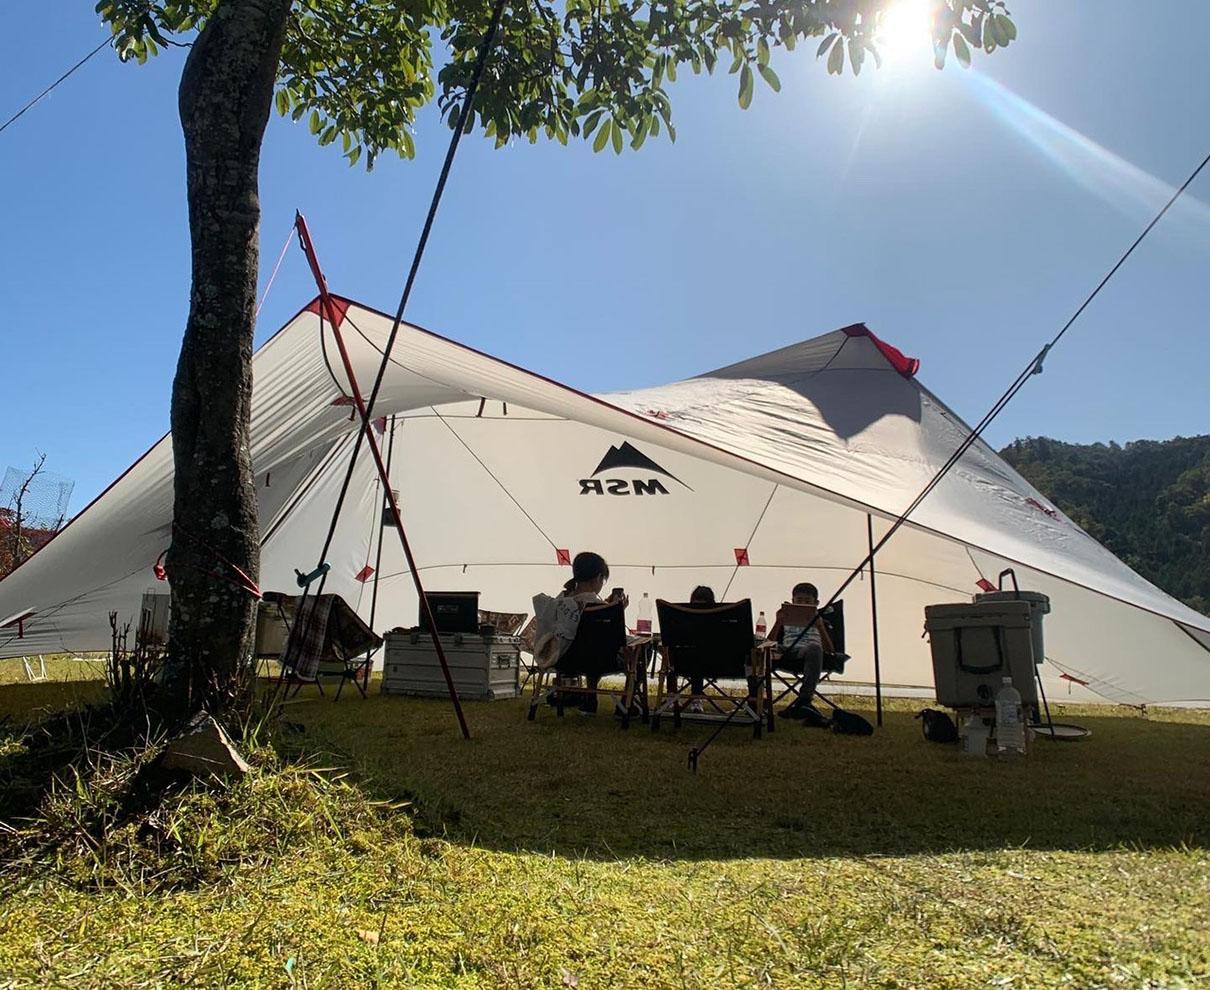 【3/27・28】福井駅前のまちなかでキャンプ、アウトドア体験!「ふくい まちキャン」開催。